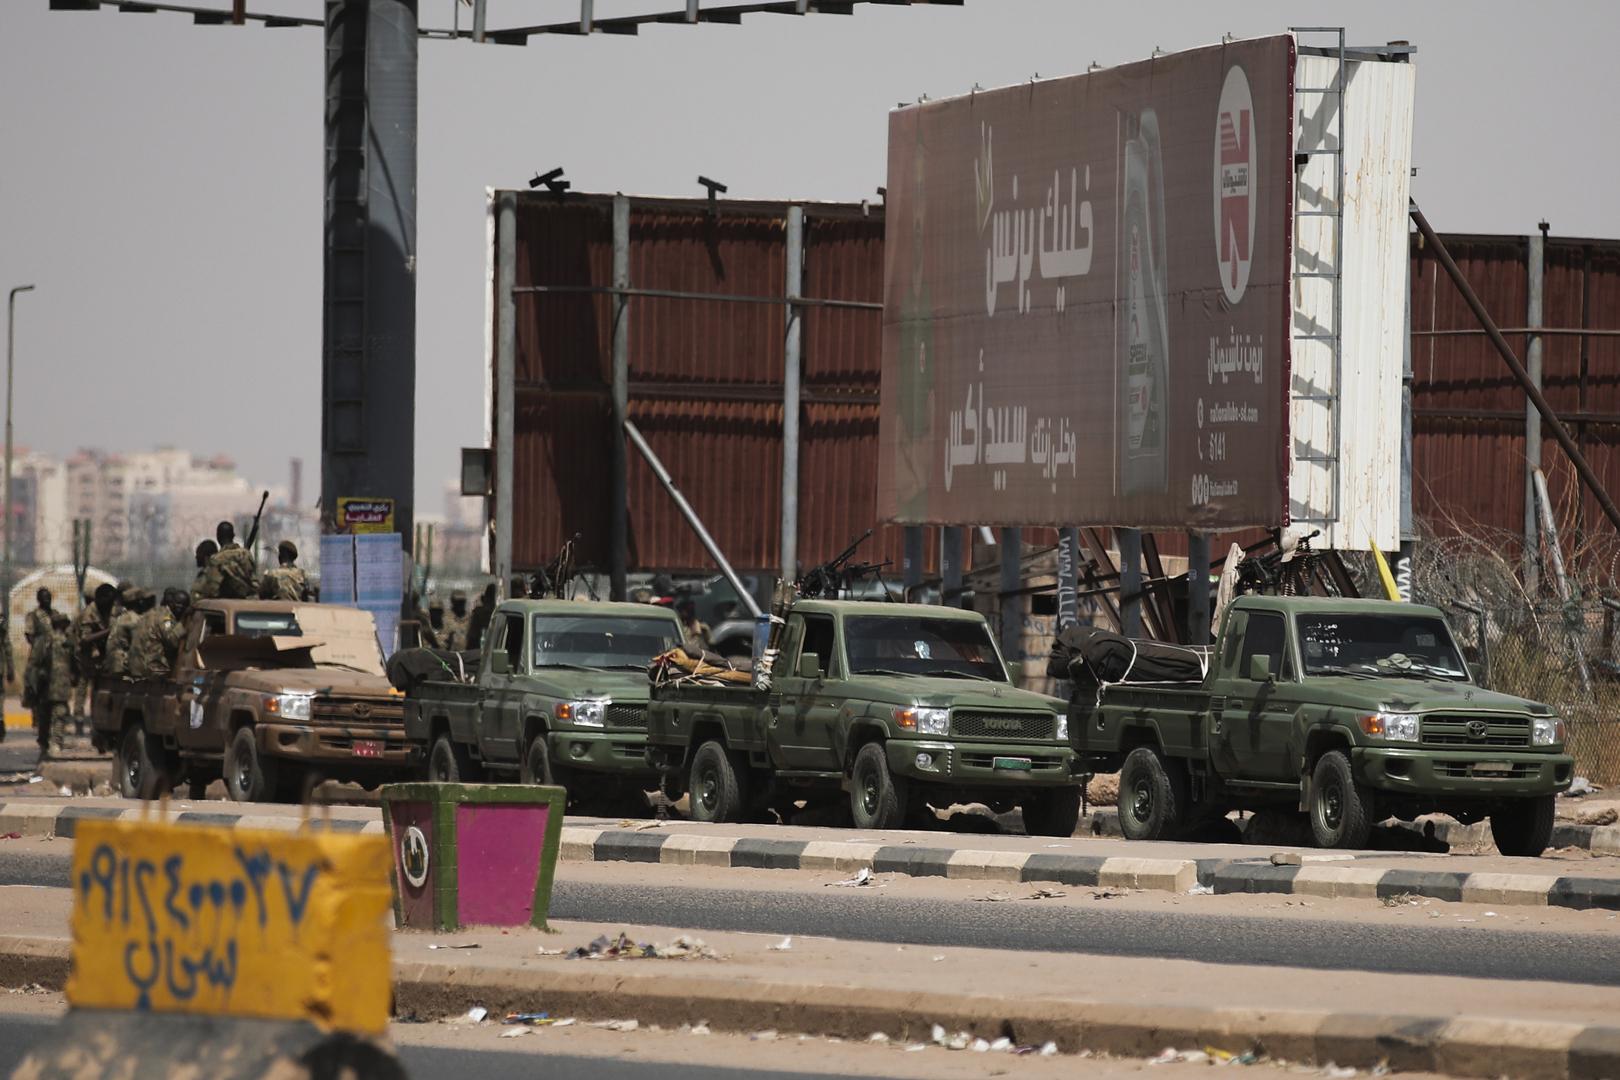 الطيران المدني السوداني يعلن استئناف عمل مطار الخرطوم